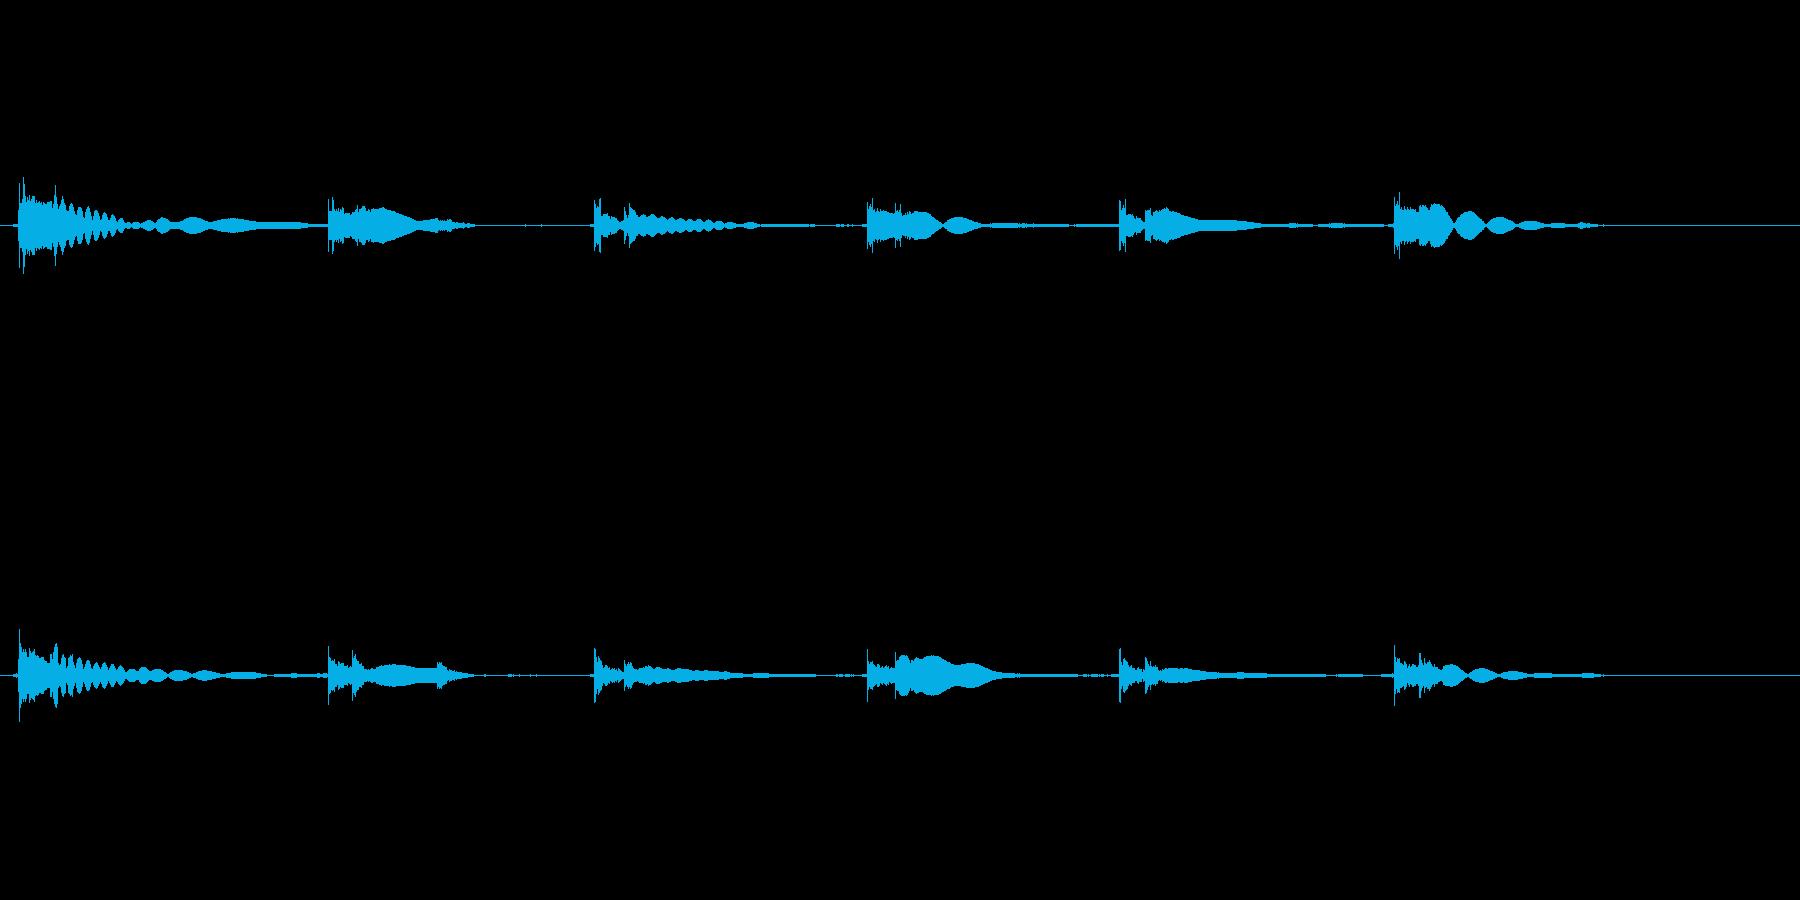 エレキギター65弦チューニング リバーブの再生済みの波形